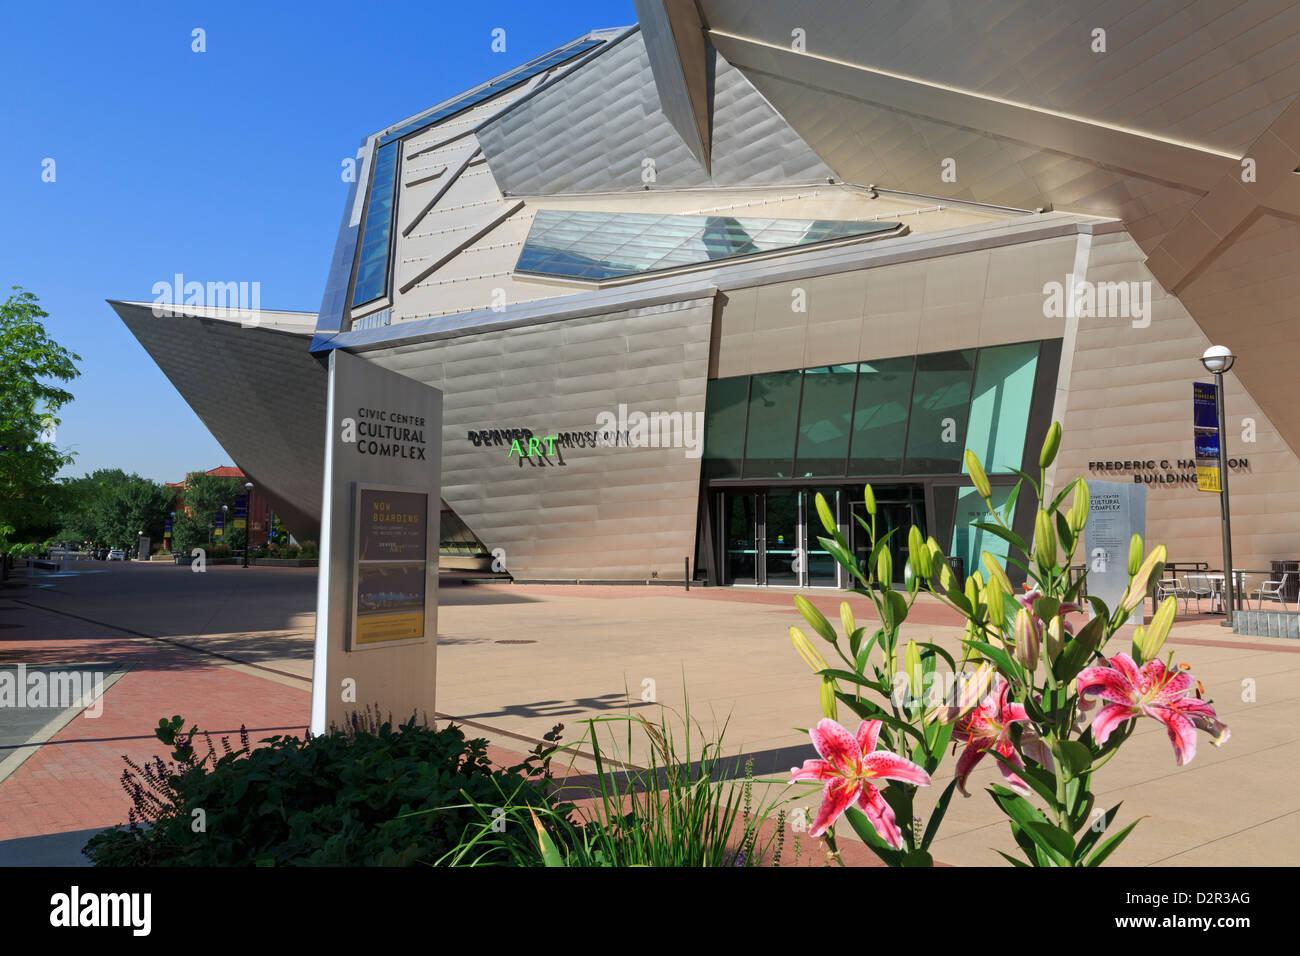 Museo de Arte de Denver, el Centro Cívico Complejo Cultural, Denver, Colorado, Estados Unidos de América, Imagen De Stock